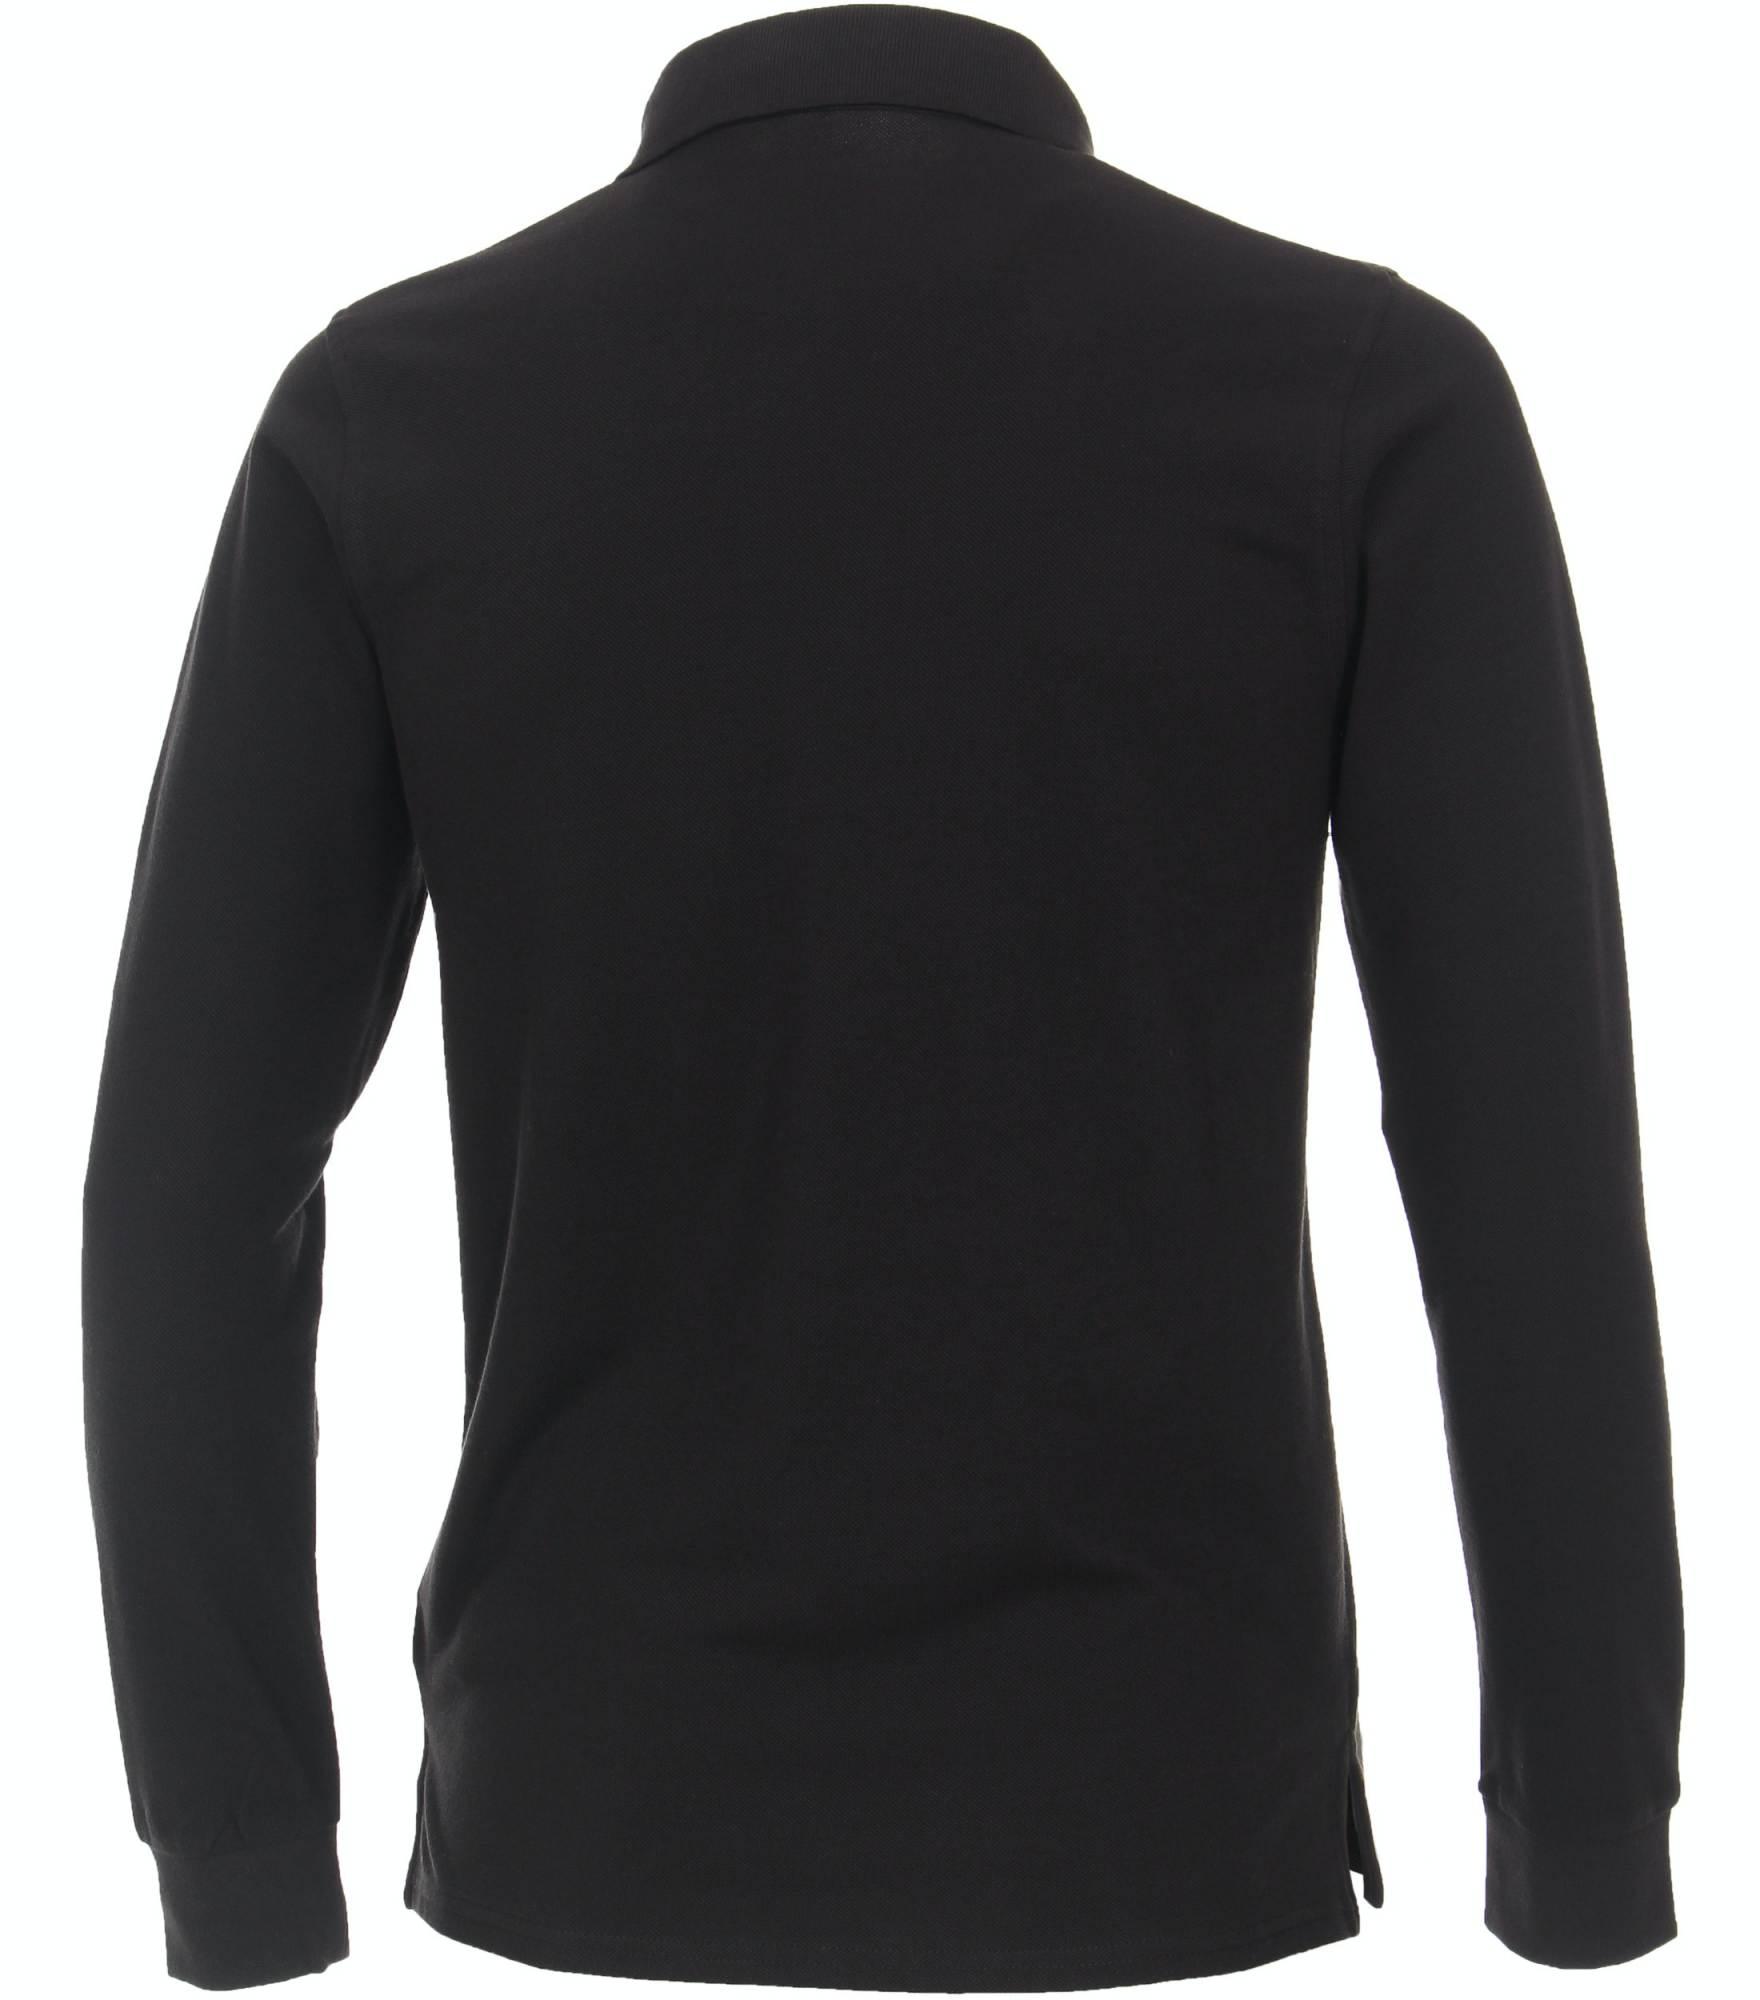 212895950 90 Black Back - - Con Murphys Menswear